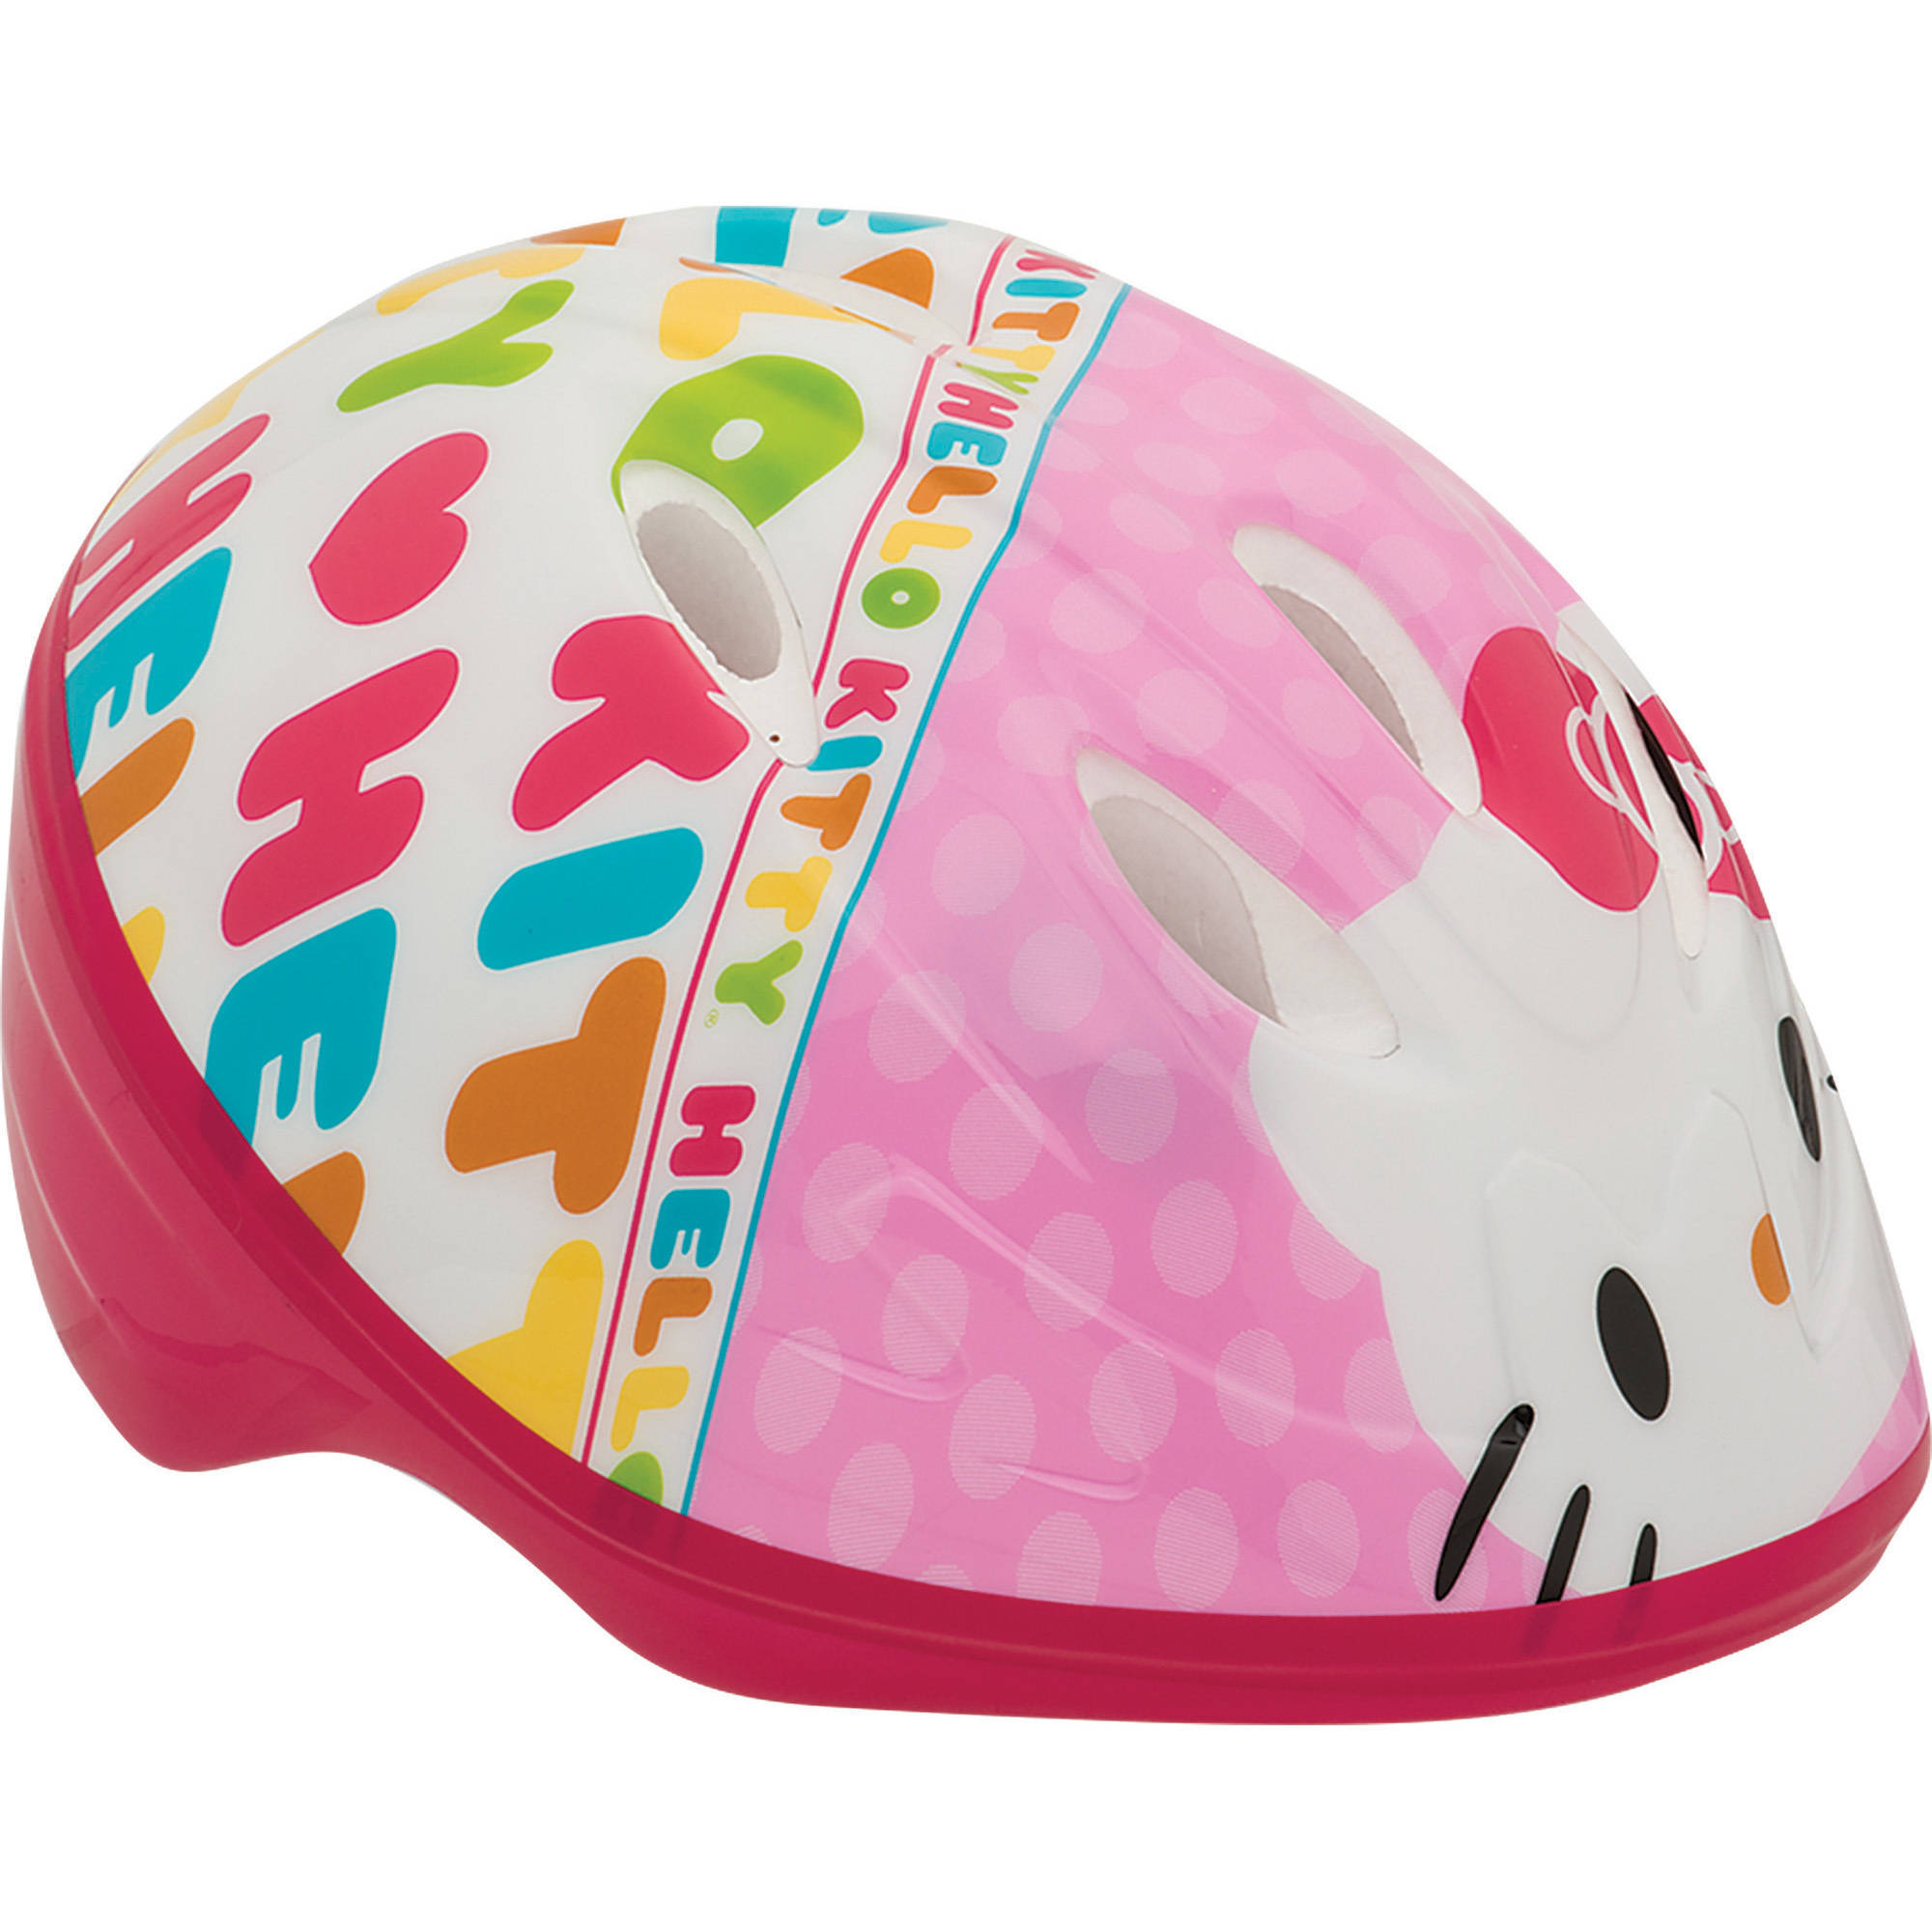 Bell Sports Hello Kitty Toddler Helmet